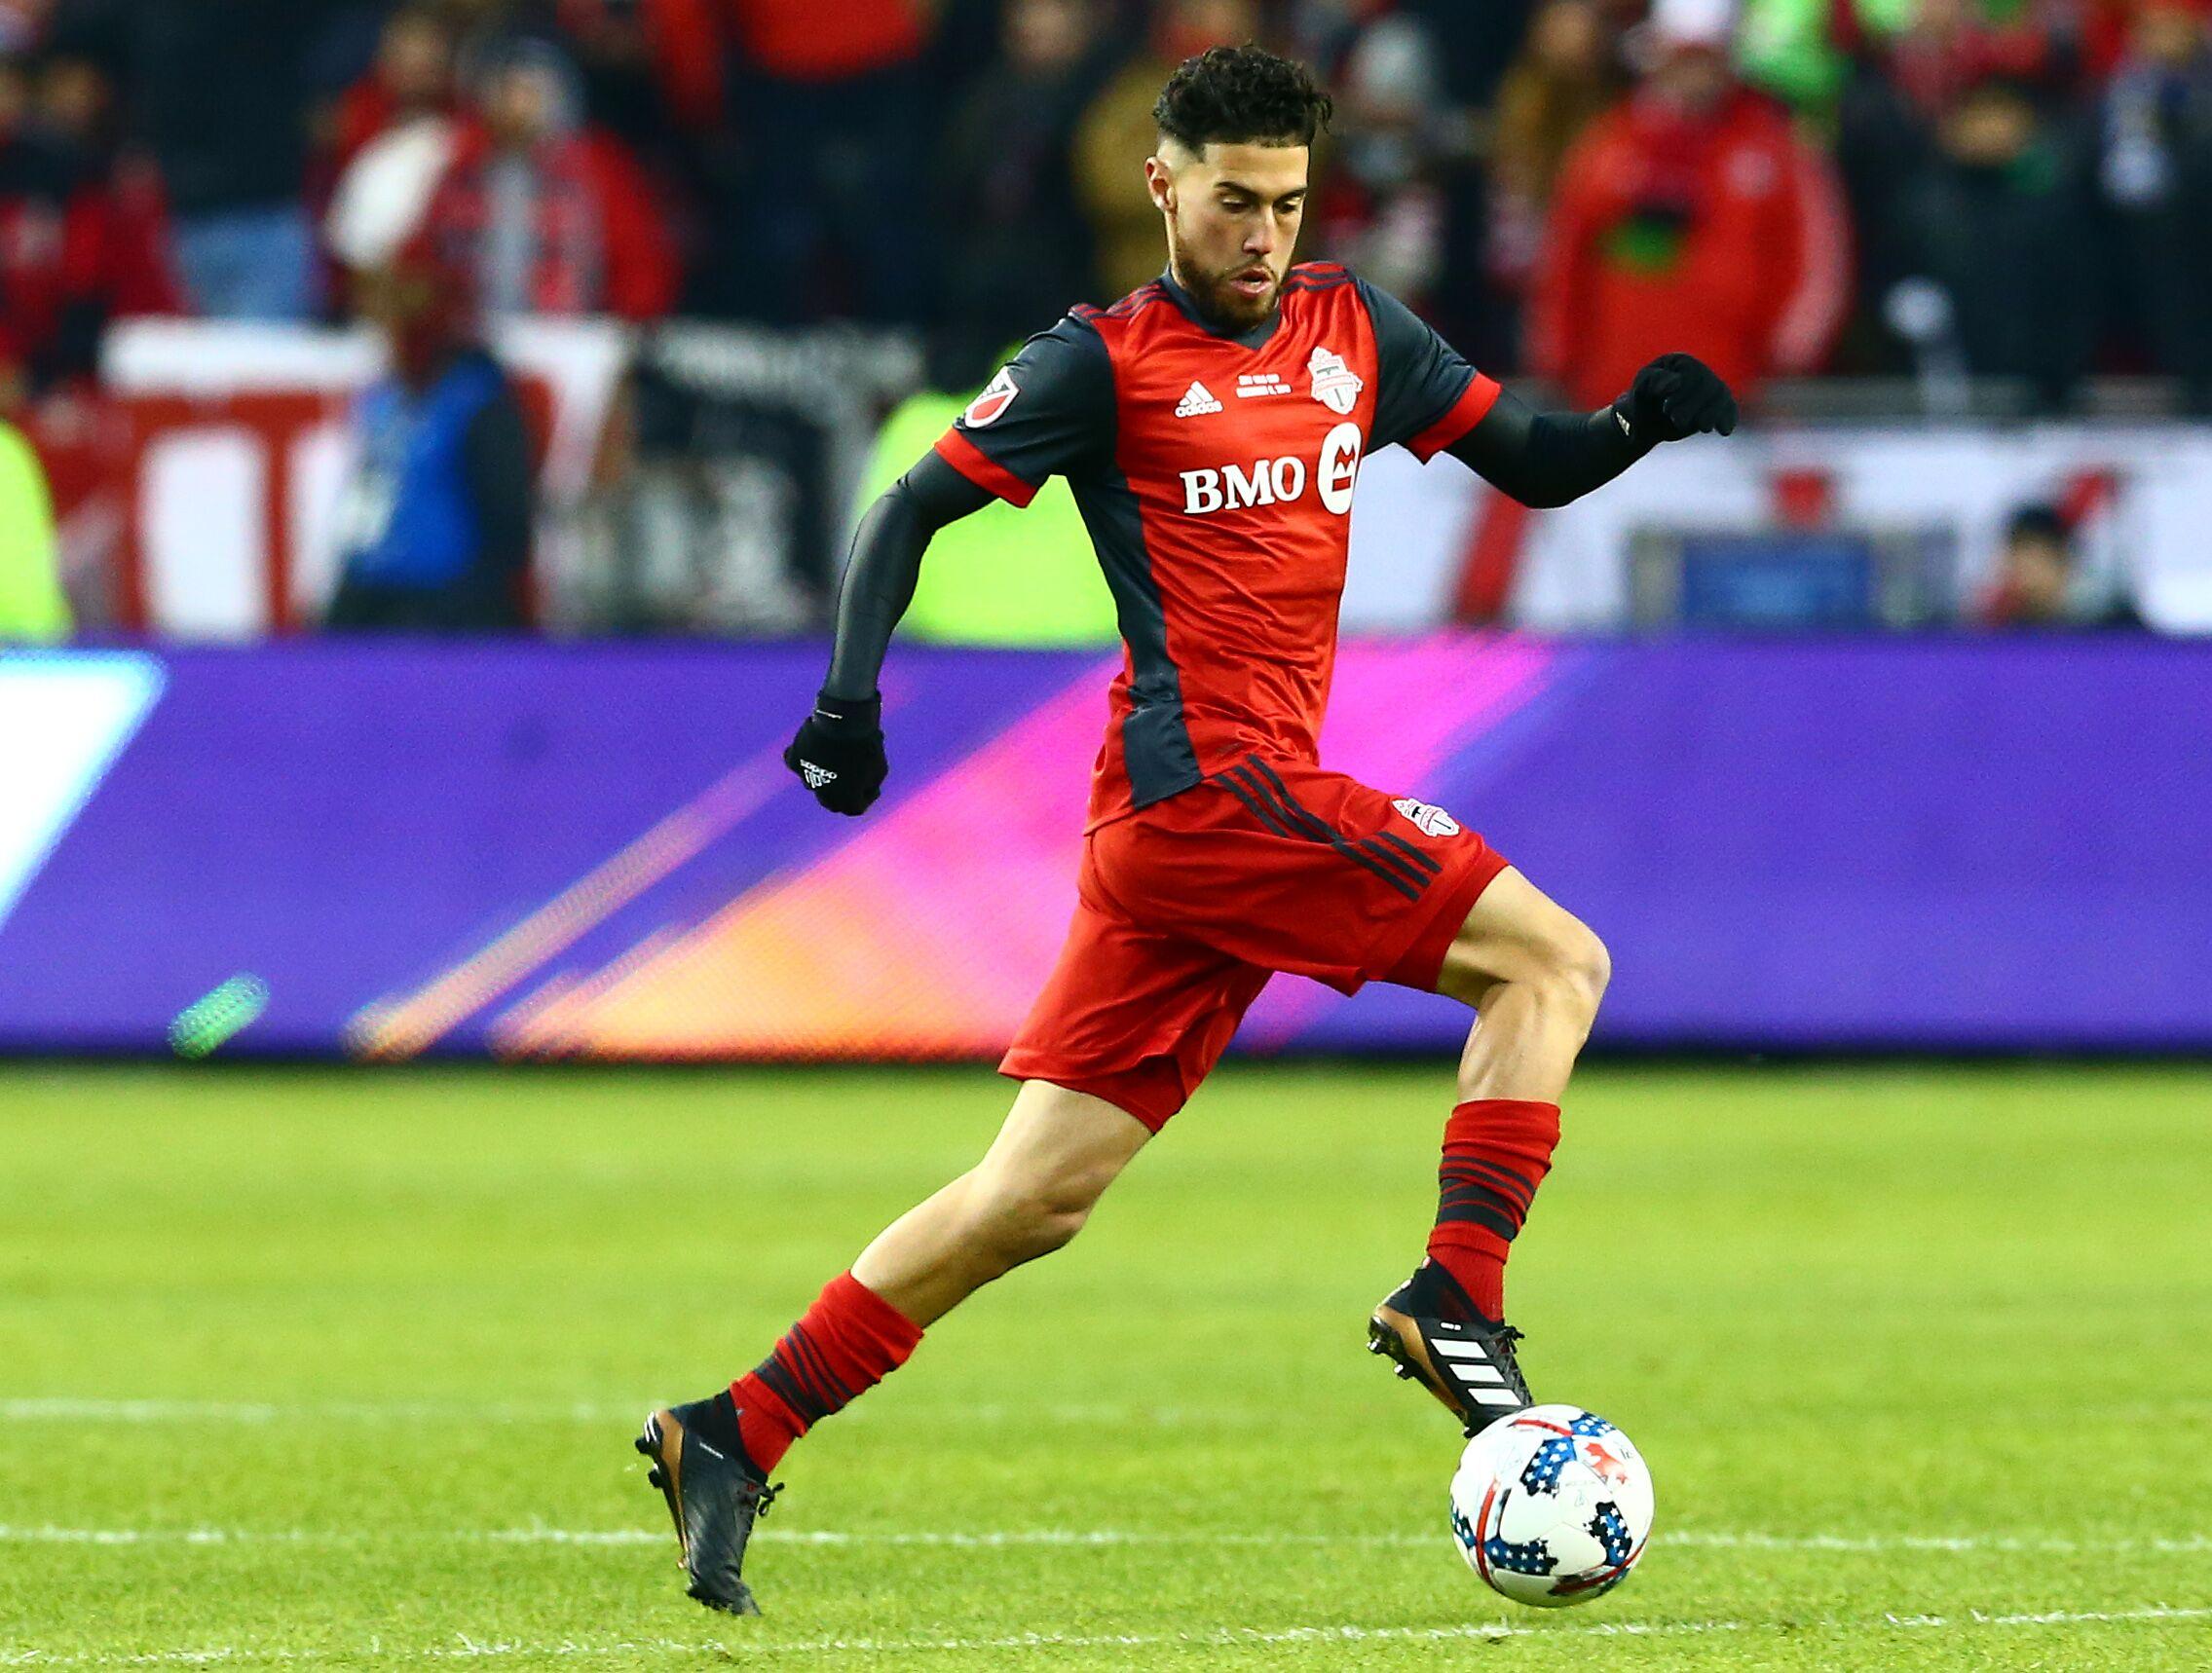 Toronto FC: 4 takeaways from season-opening win in Philadelphia